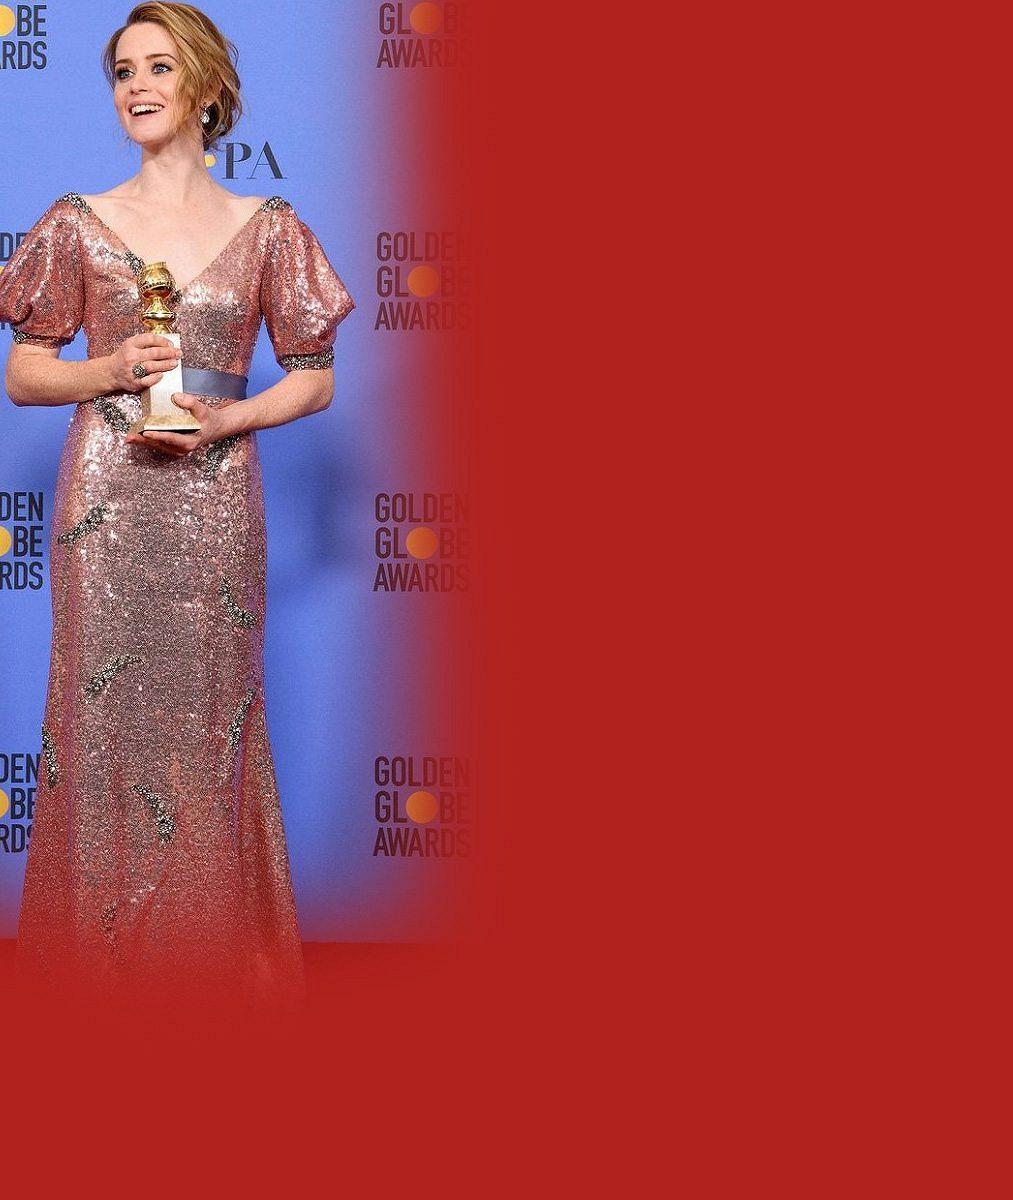 Herecká senzace roku: Tato kráska (32) získala Zlatý glóbus za ztvárnění královny Alžběty II.